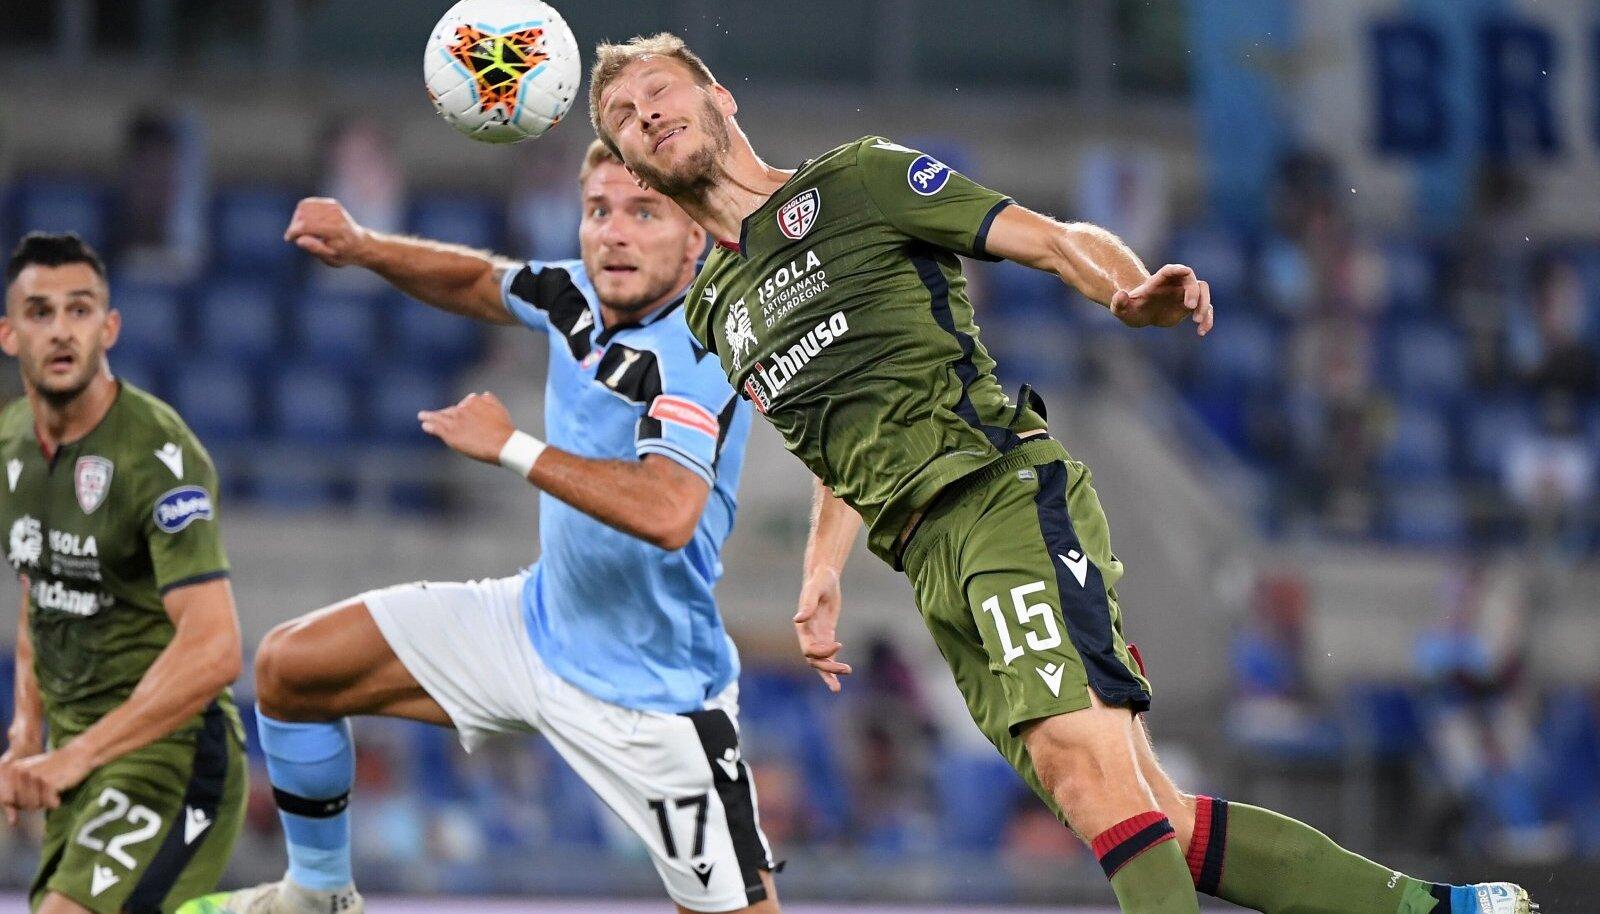 (200724) -- ROME, July 24, 2020 -- Lazio s Ciro Immobile (L) vies with Cagliari s Ragnar Klavan during the Serie A socc